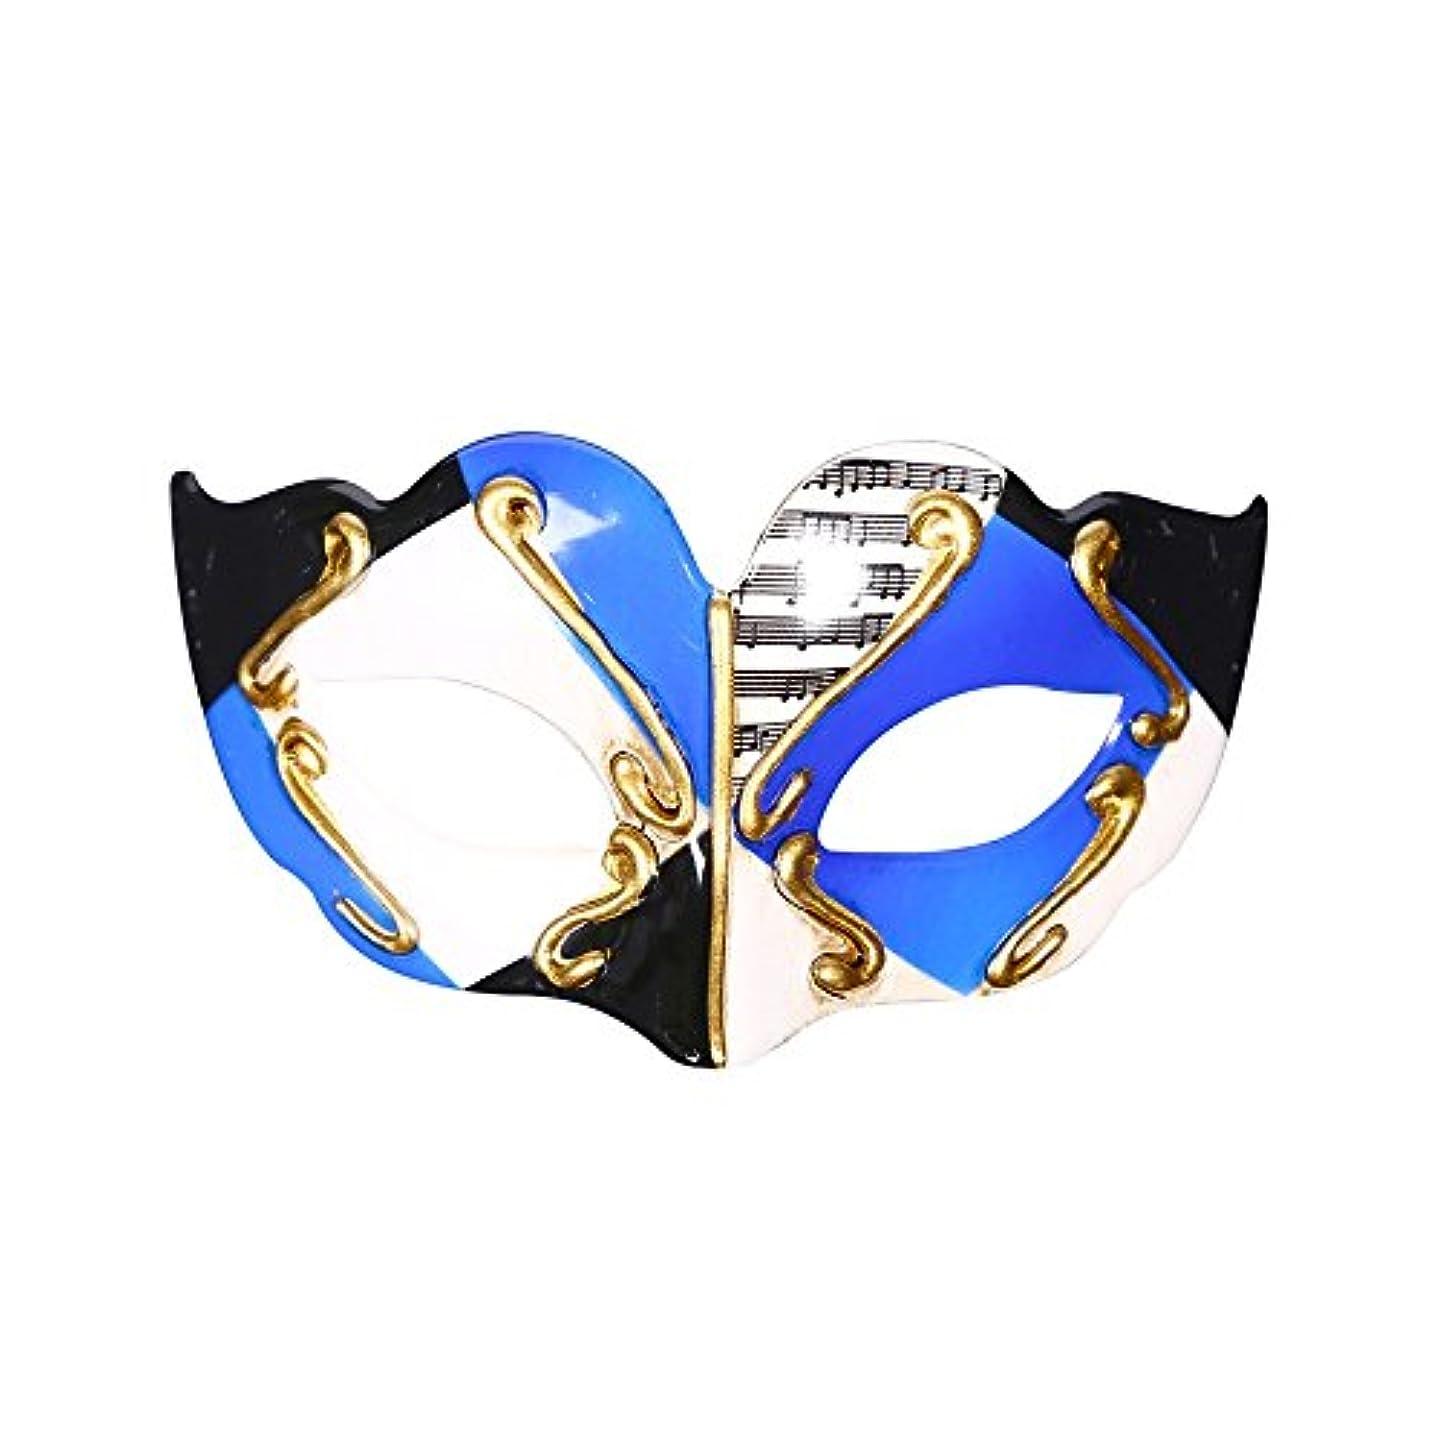 因子導体アラームハロウィーン仮装マスクフラットヘッドハーフフェイスハードプラスチック子供用マスク (Color : #2)